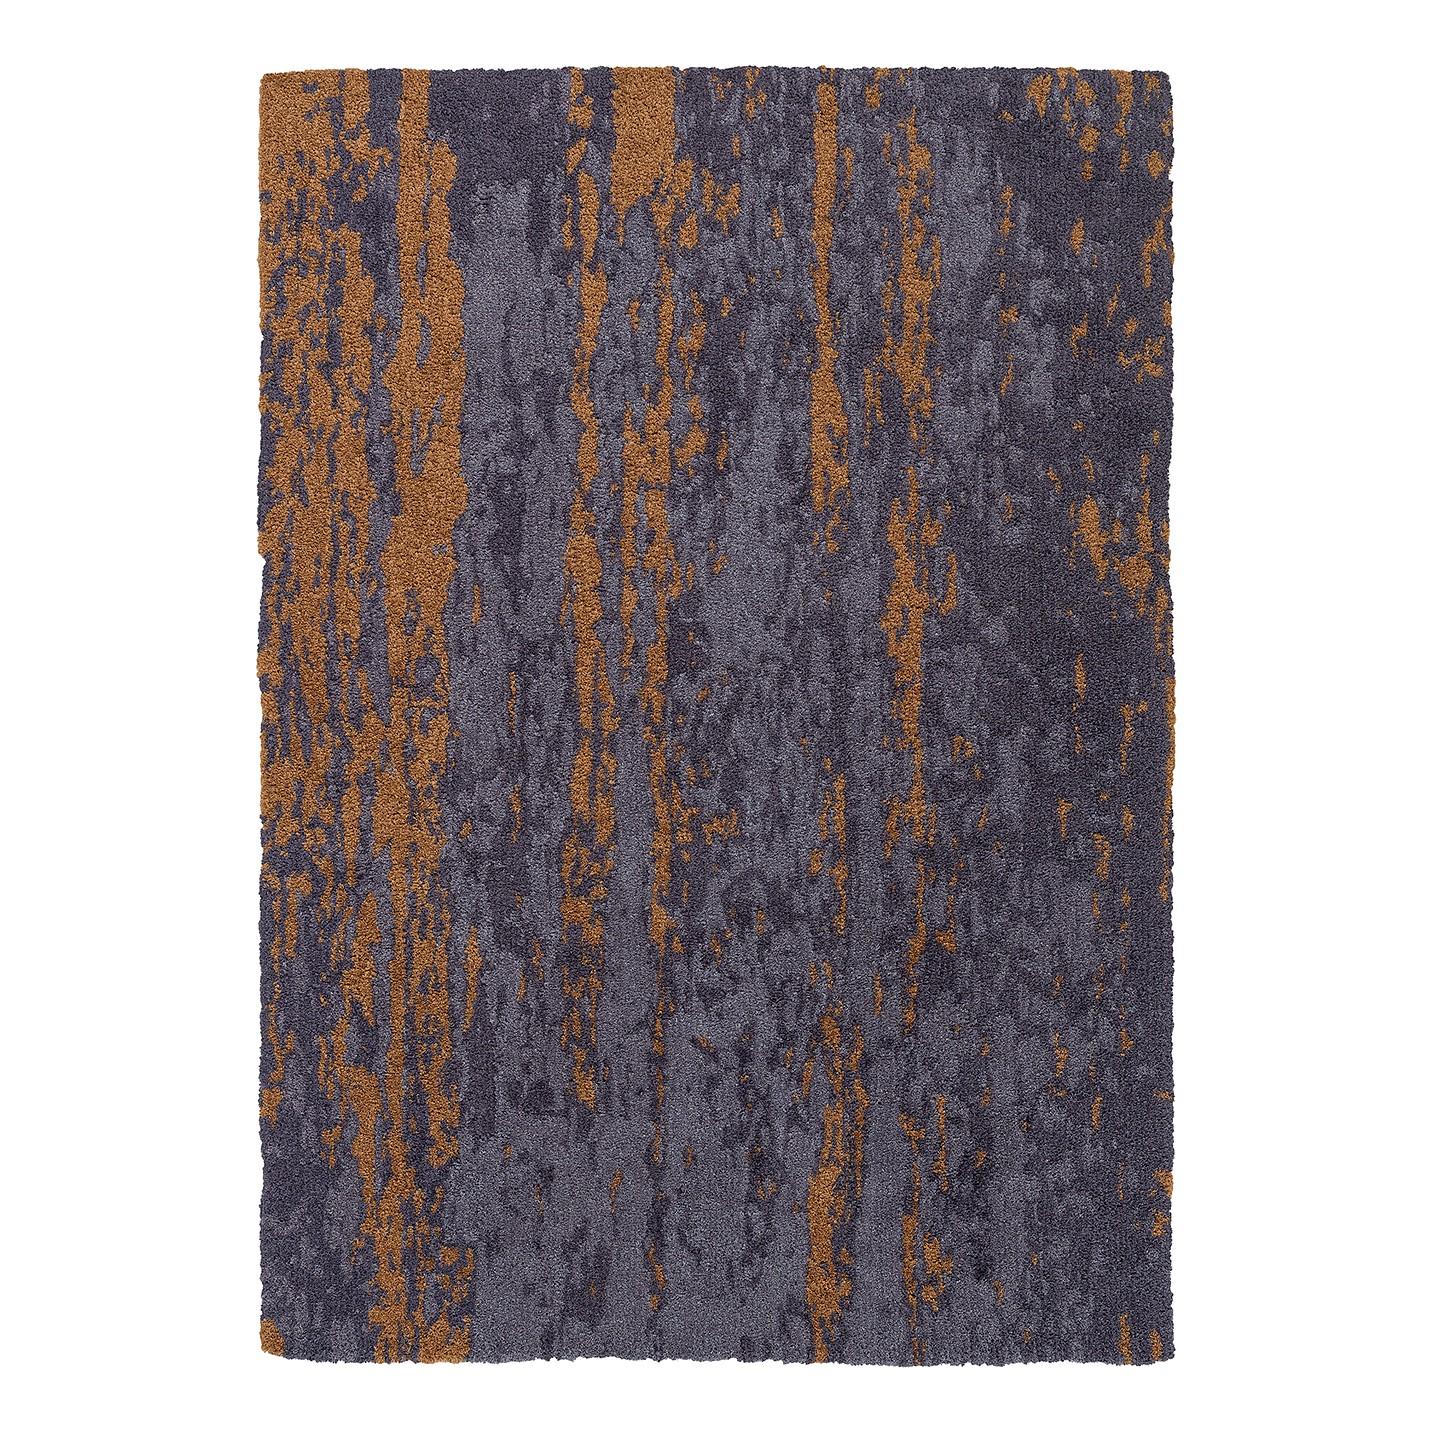 Teppich Impression - Kunstfaser - Grau / Gold - 160 x 230 cm, Schöner Wohnen Kollektion